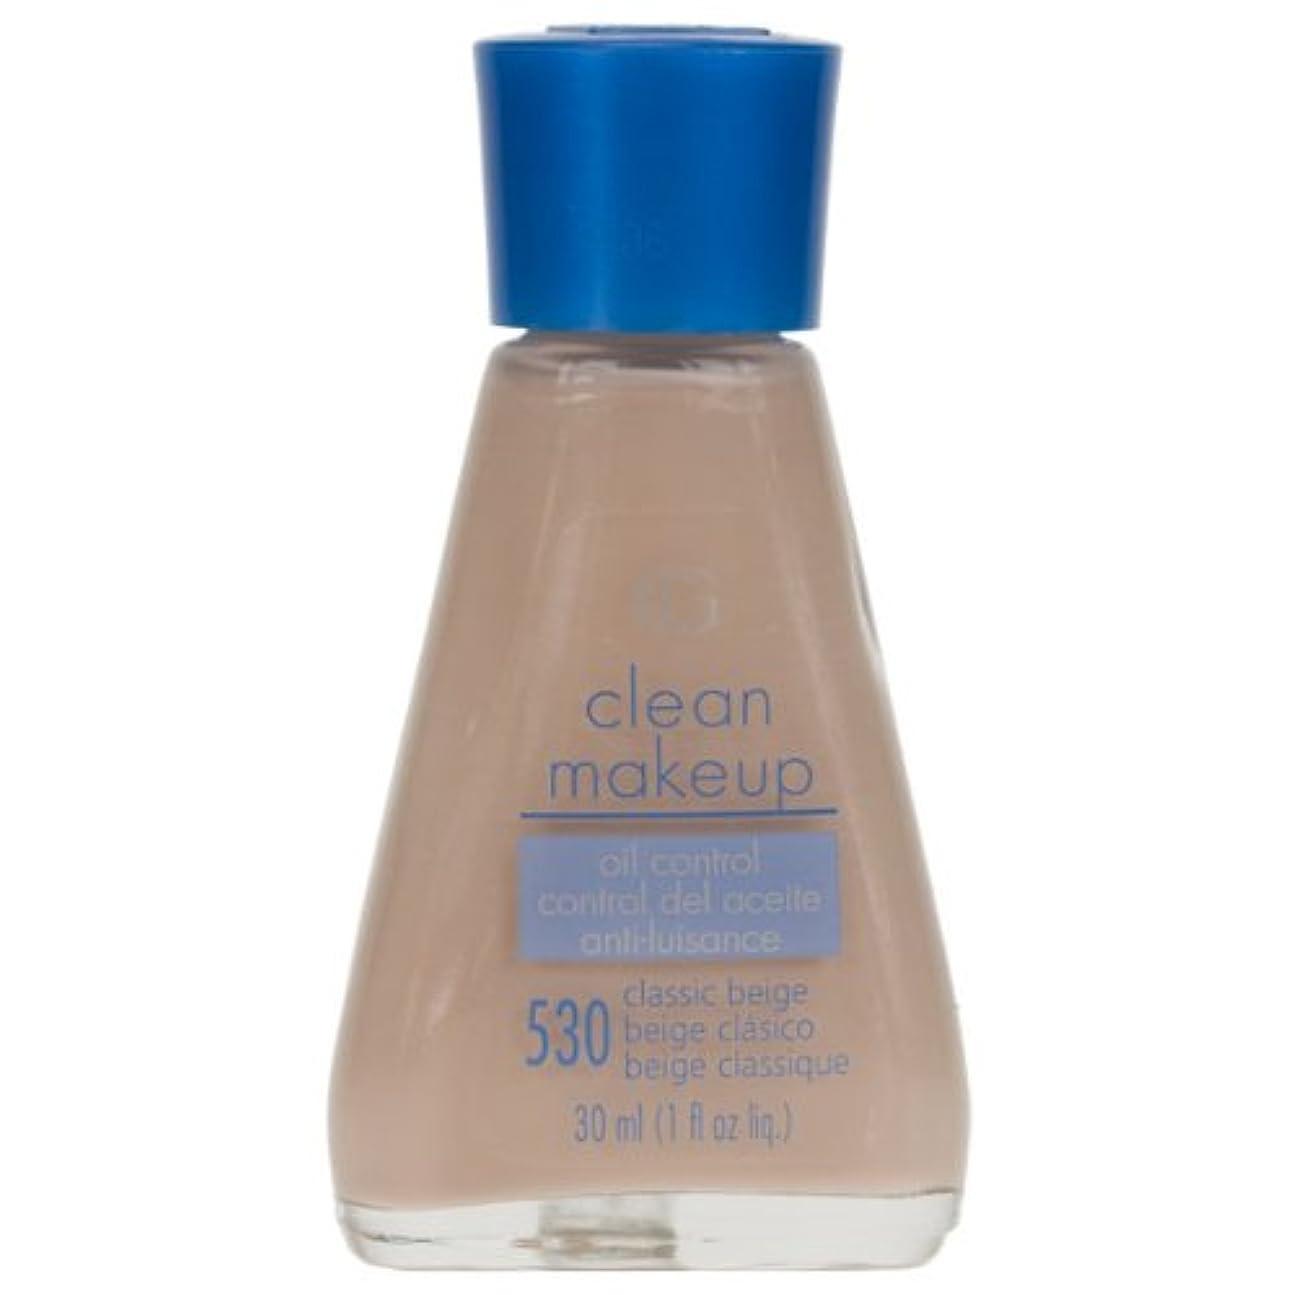 ご予約血まみれの批判するCOVERGIRL CLEAN OIL CONTROL MAKEUP #530 CLASSIC BEIGE